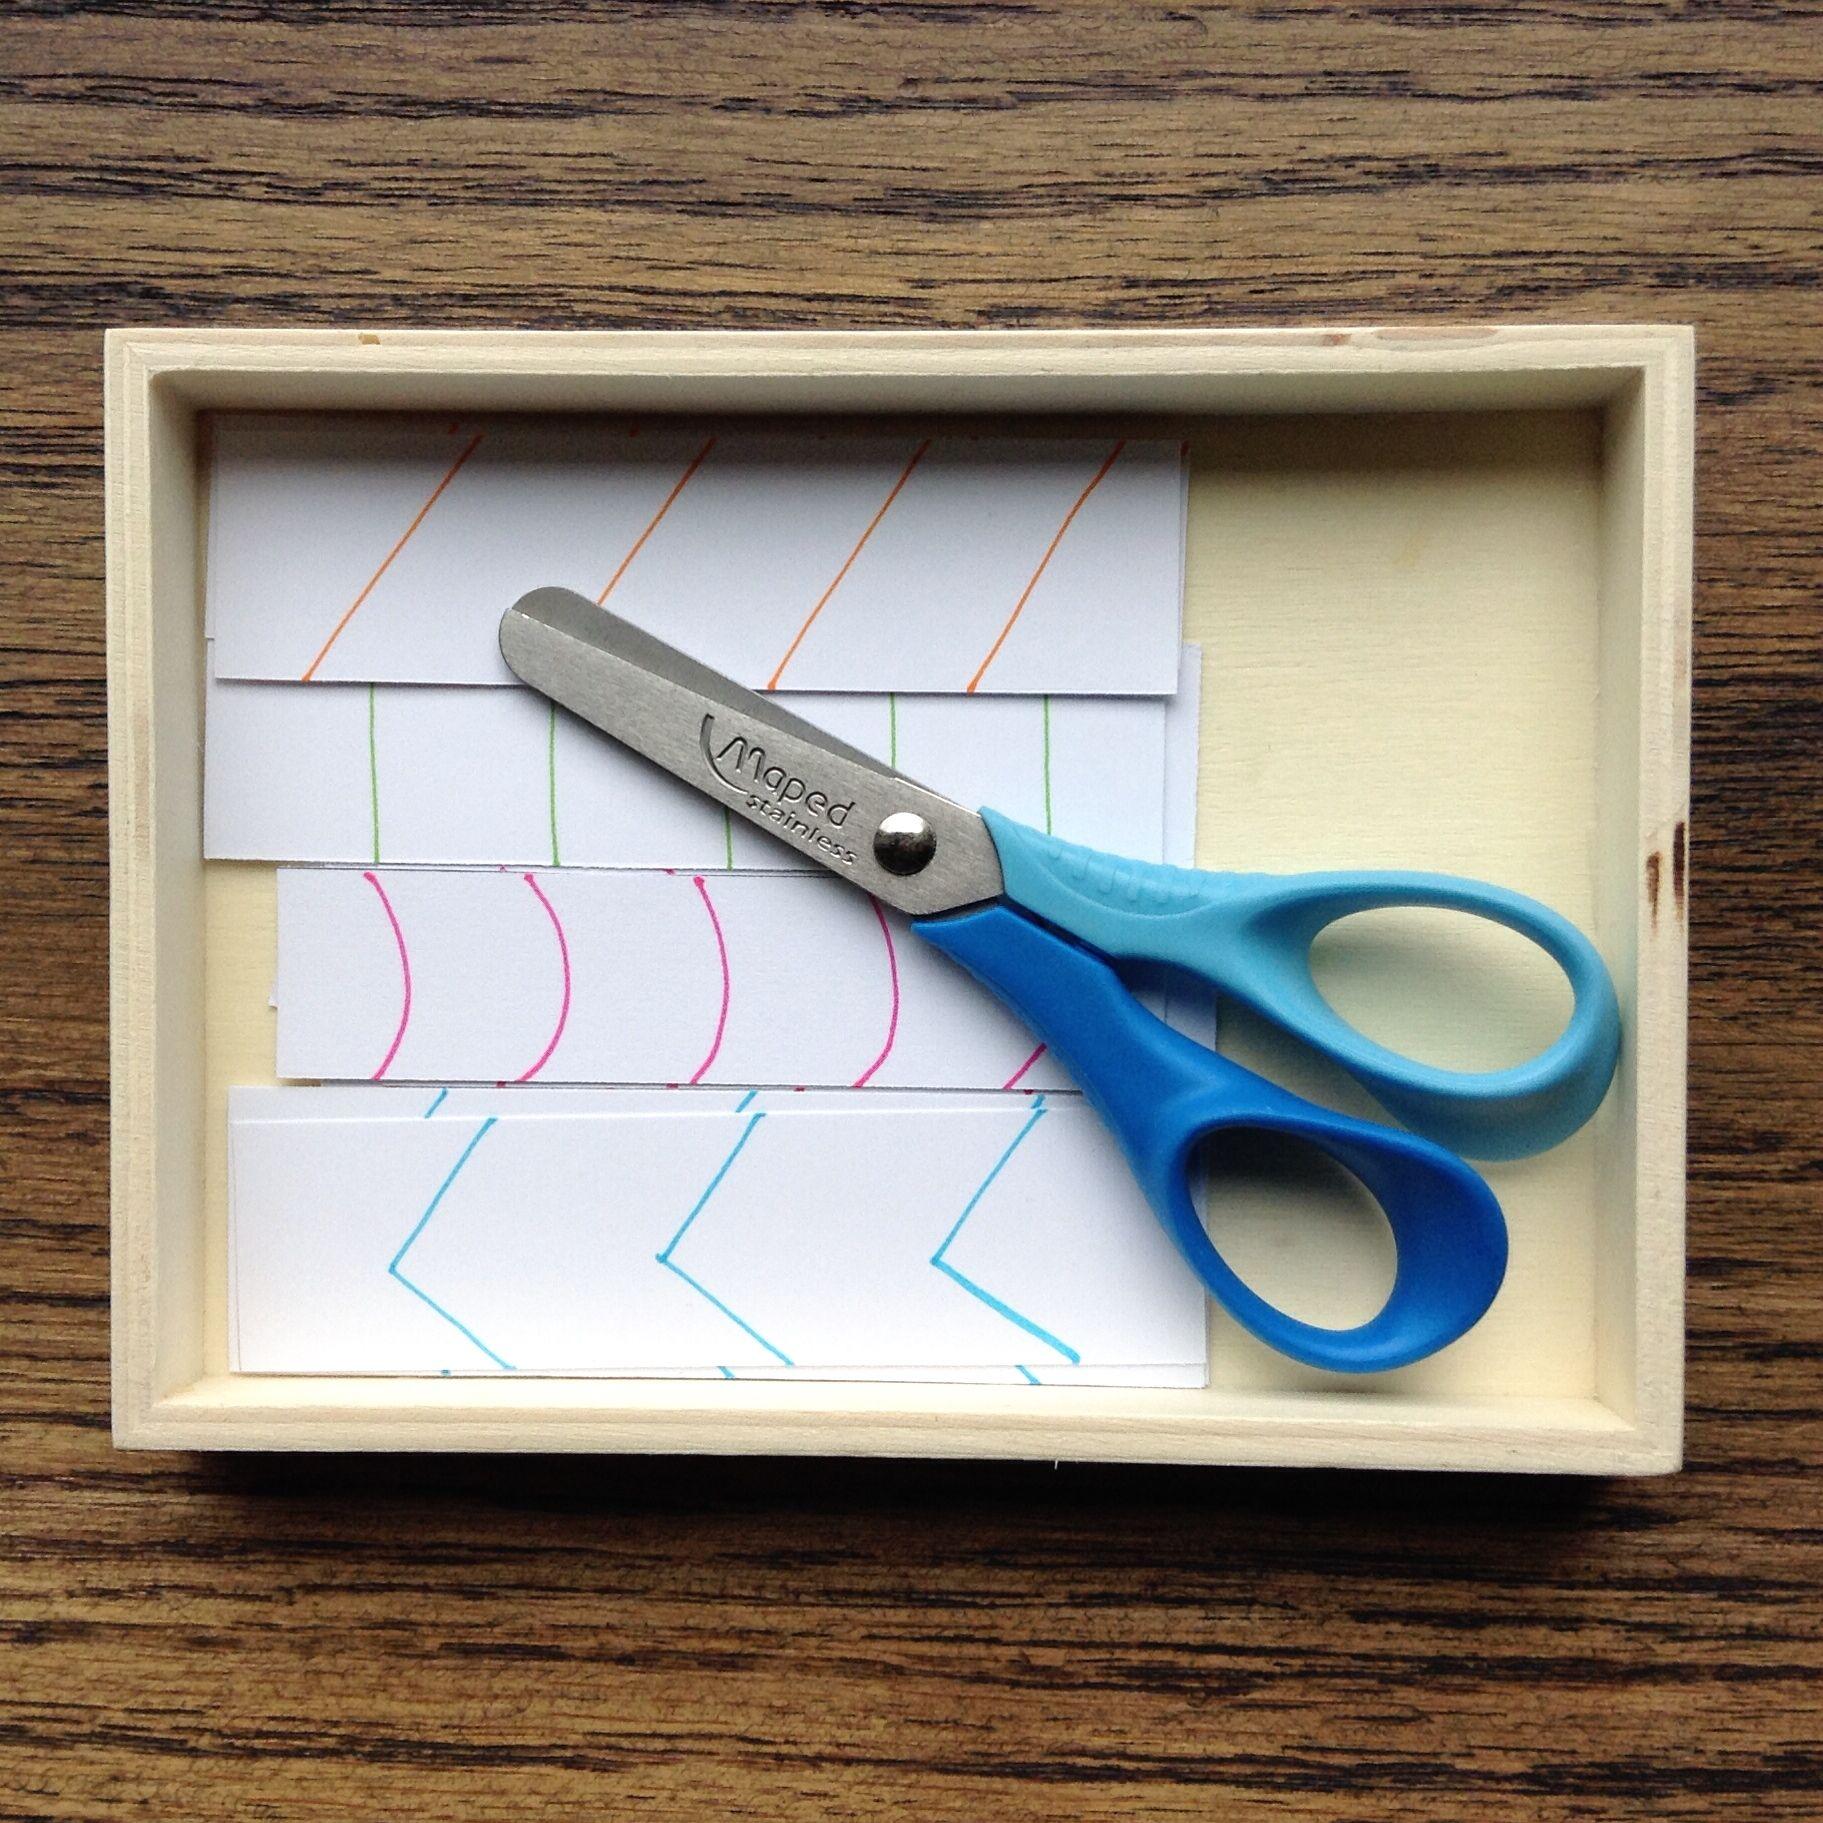 обустройству картинки которые вырезают ножницами тонкого полотняного